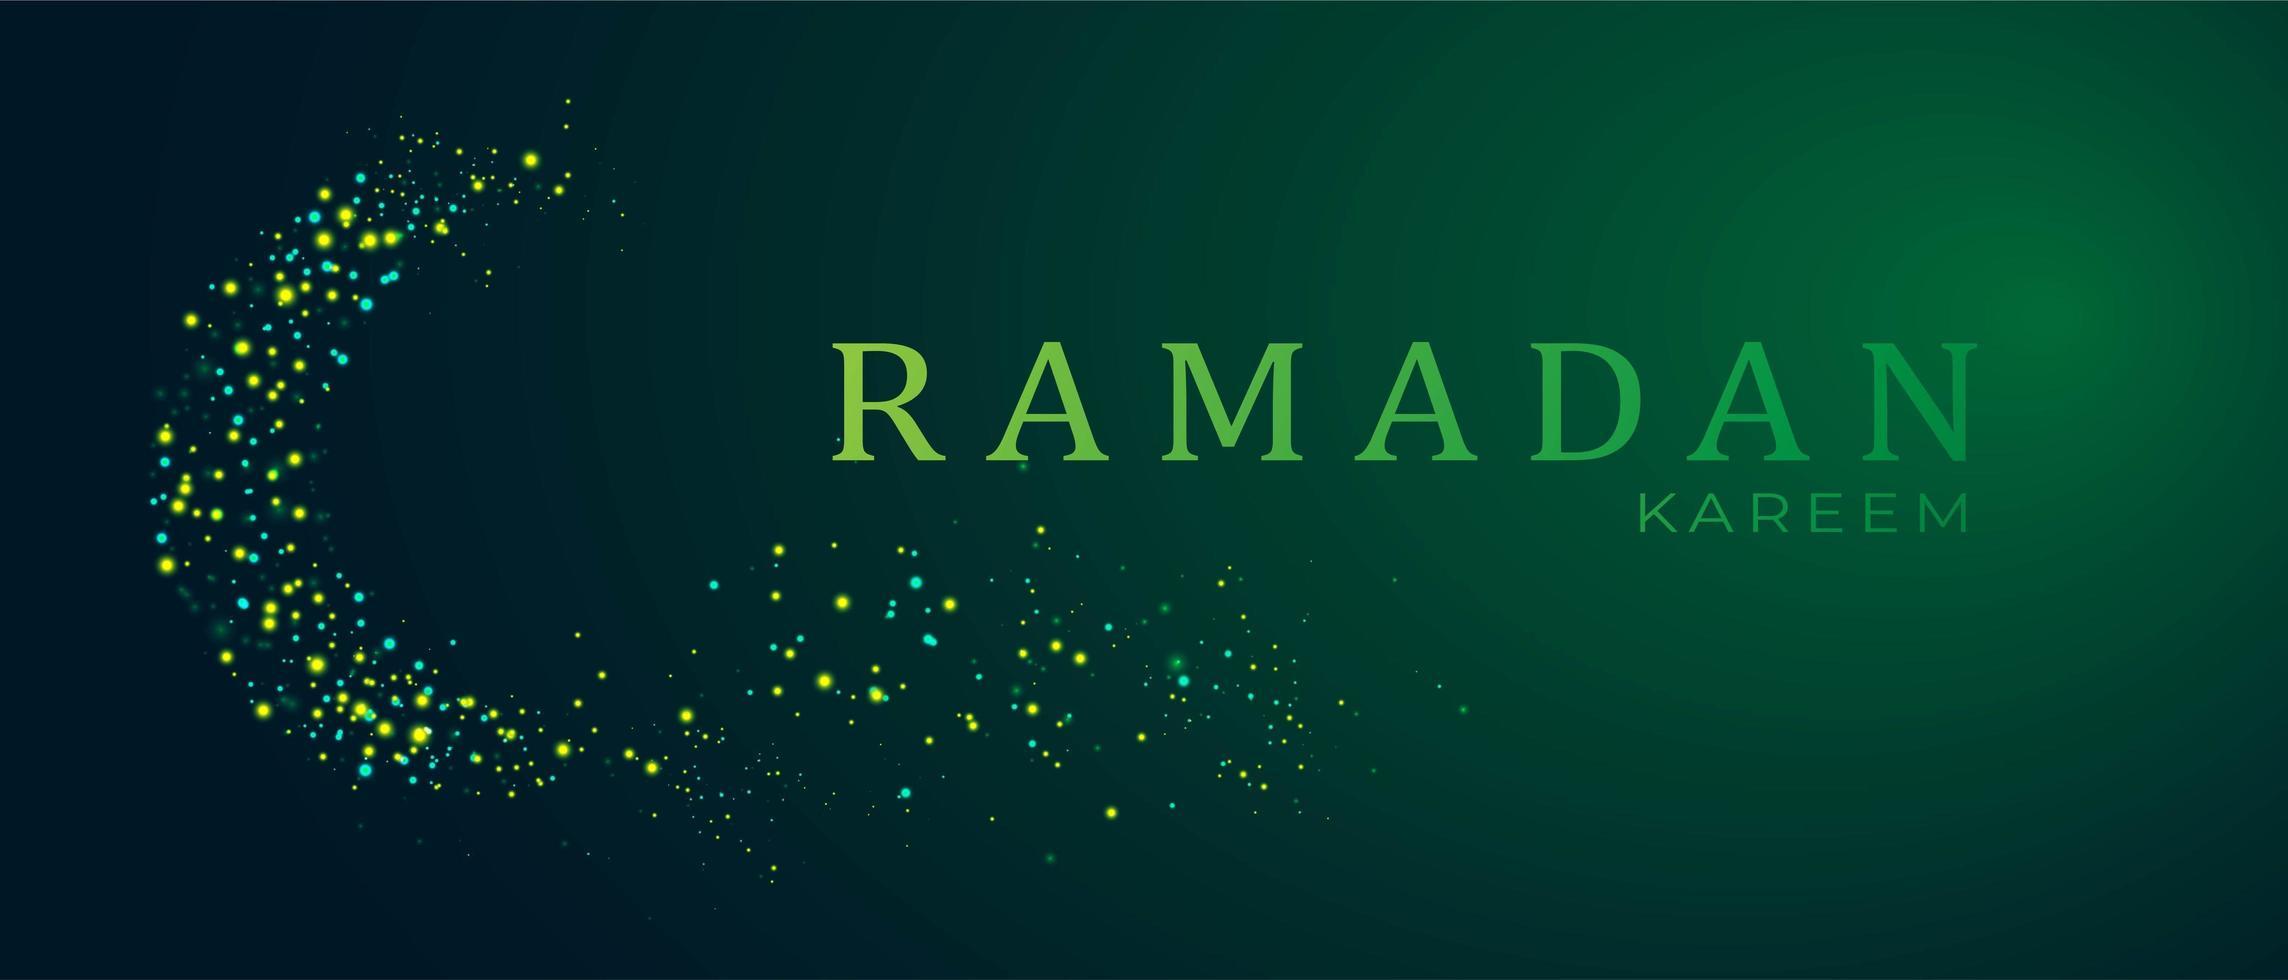 ramadan kareem achtergrond met ruimte voor tekst vector